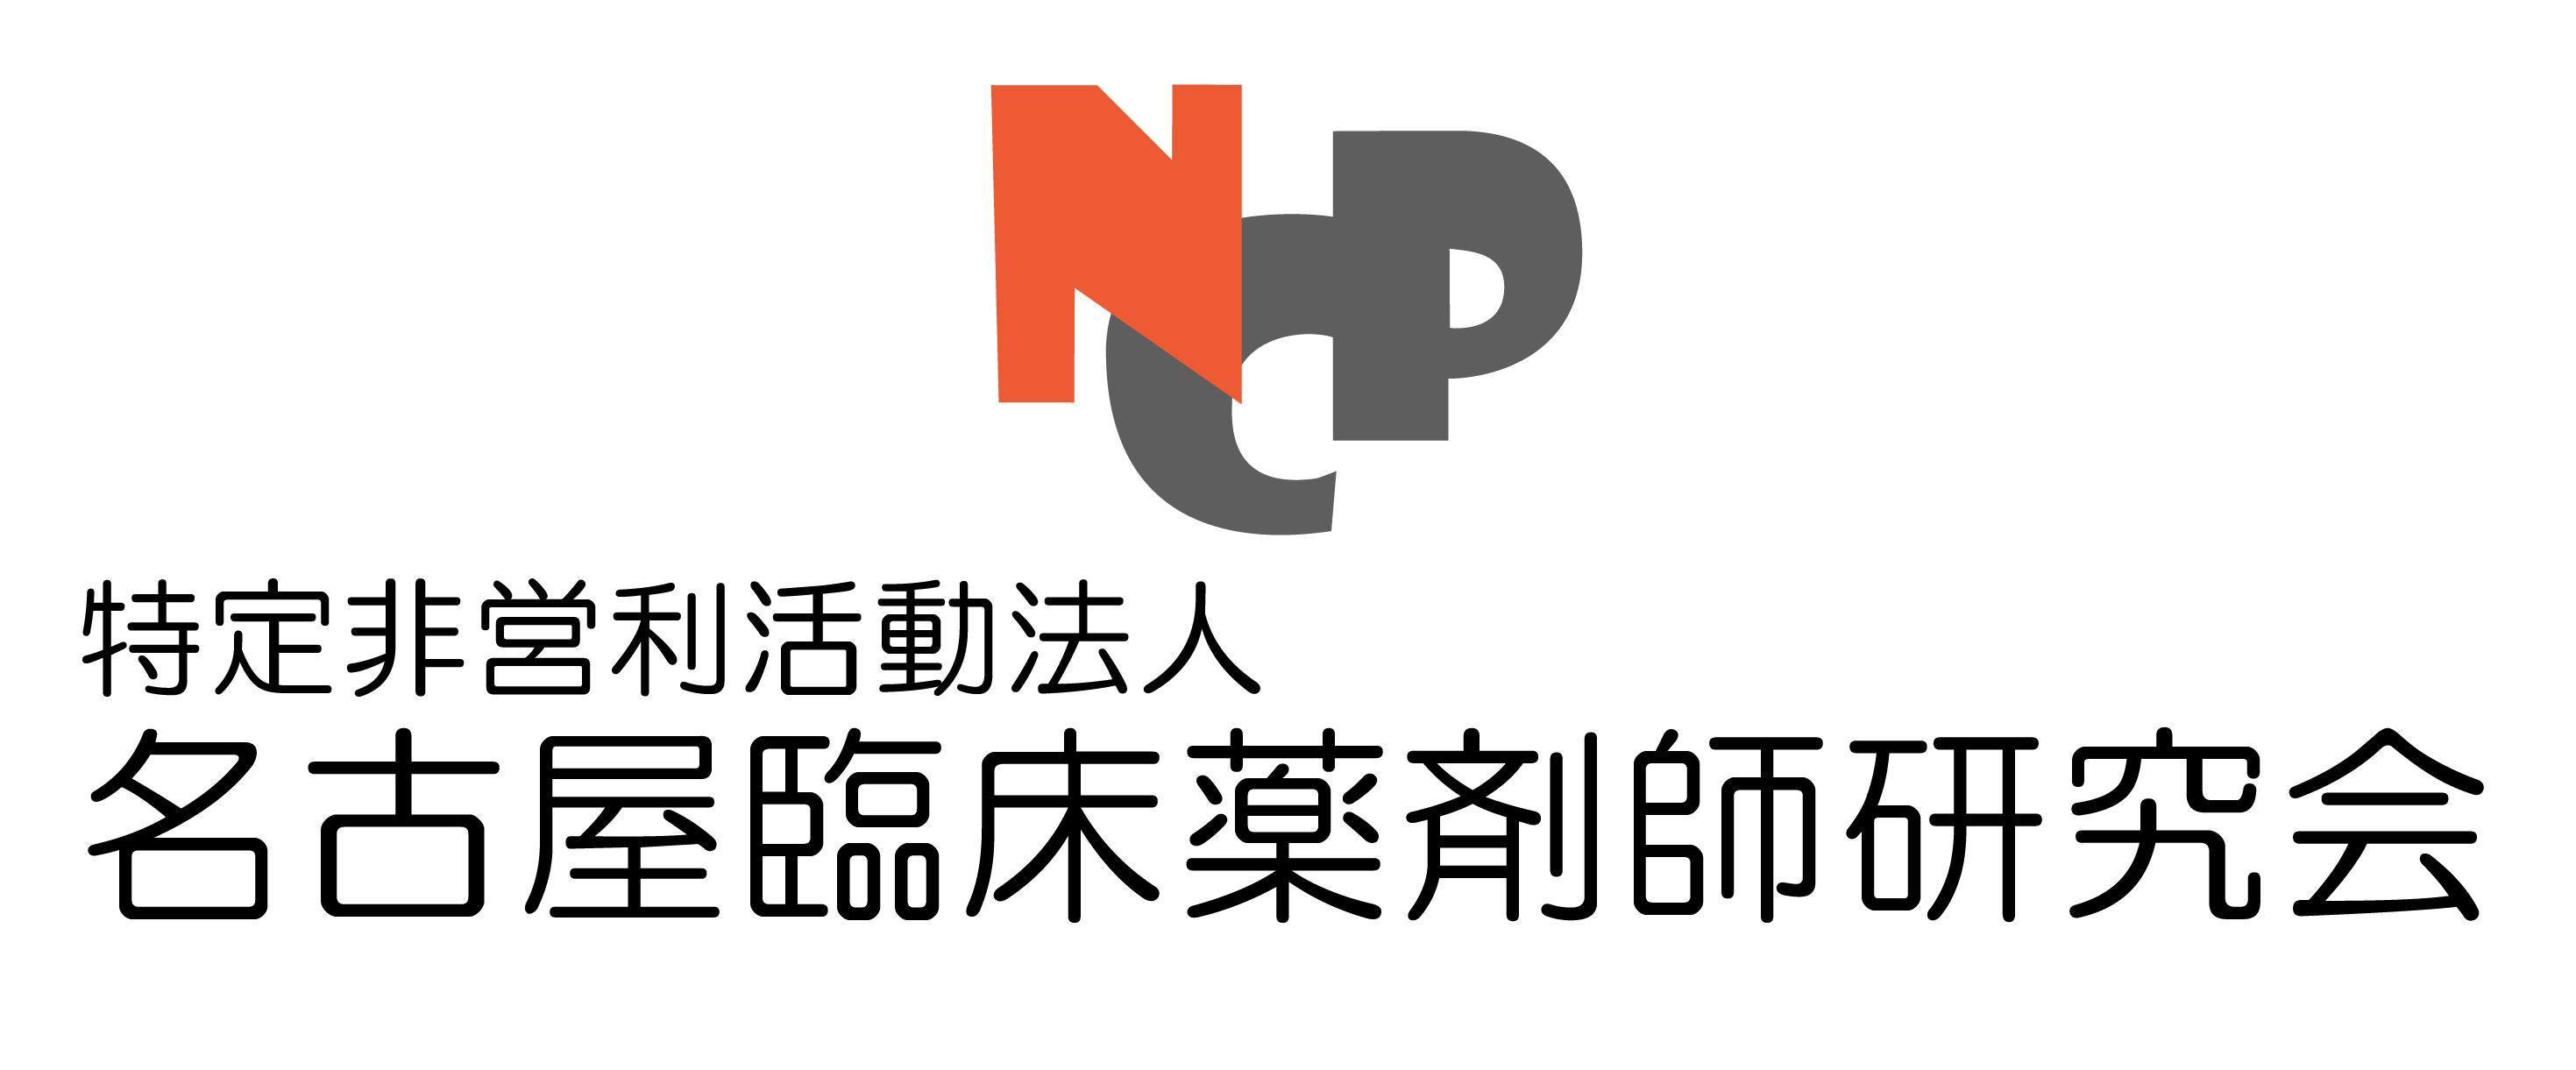 特定非営利活動法人名古屋臨床薬剤師研究会